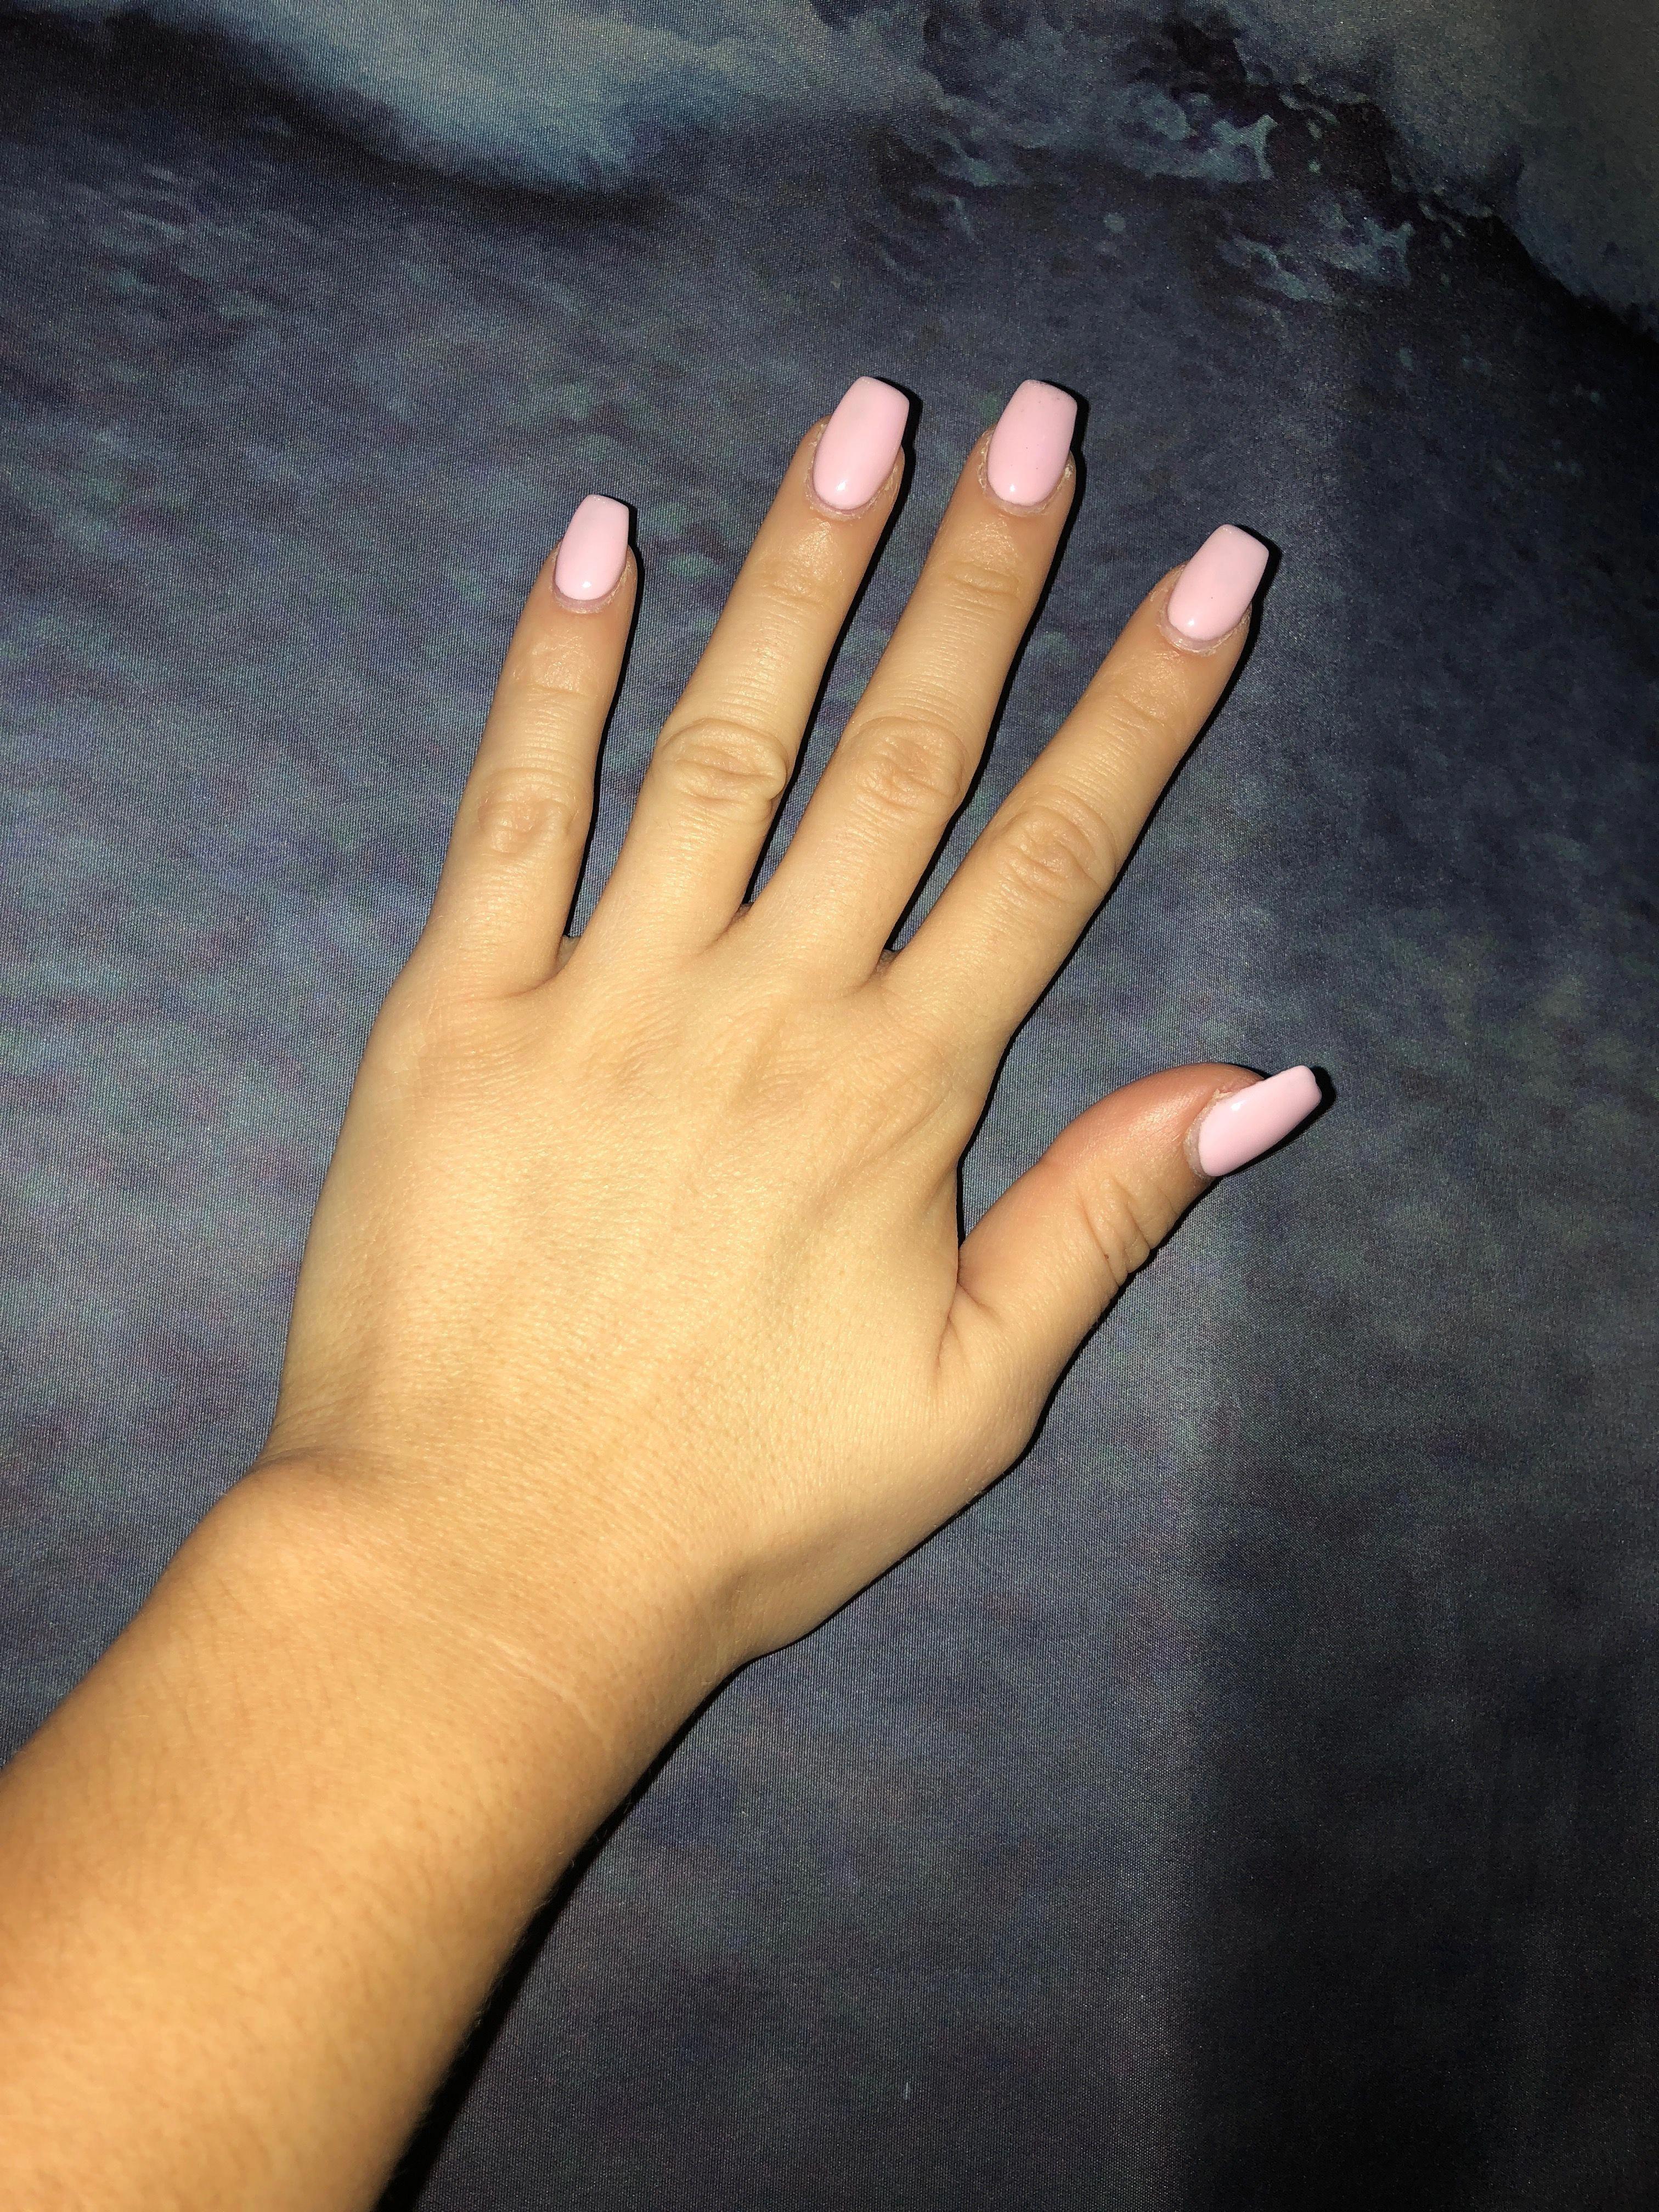 Acrylic Nail Art For Teens Nailart Diyacrylicnails Pink Acrylic Nails Baby Pink Nails Acrylic Baby Pink Nails